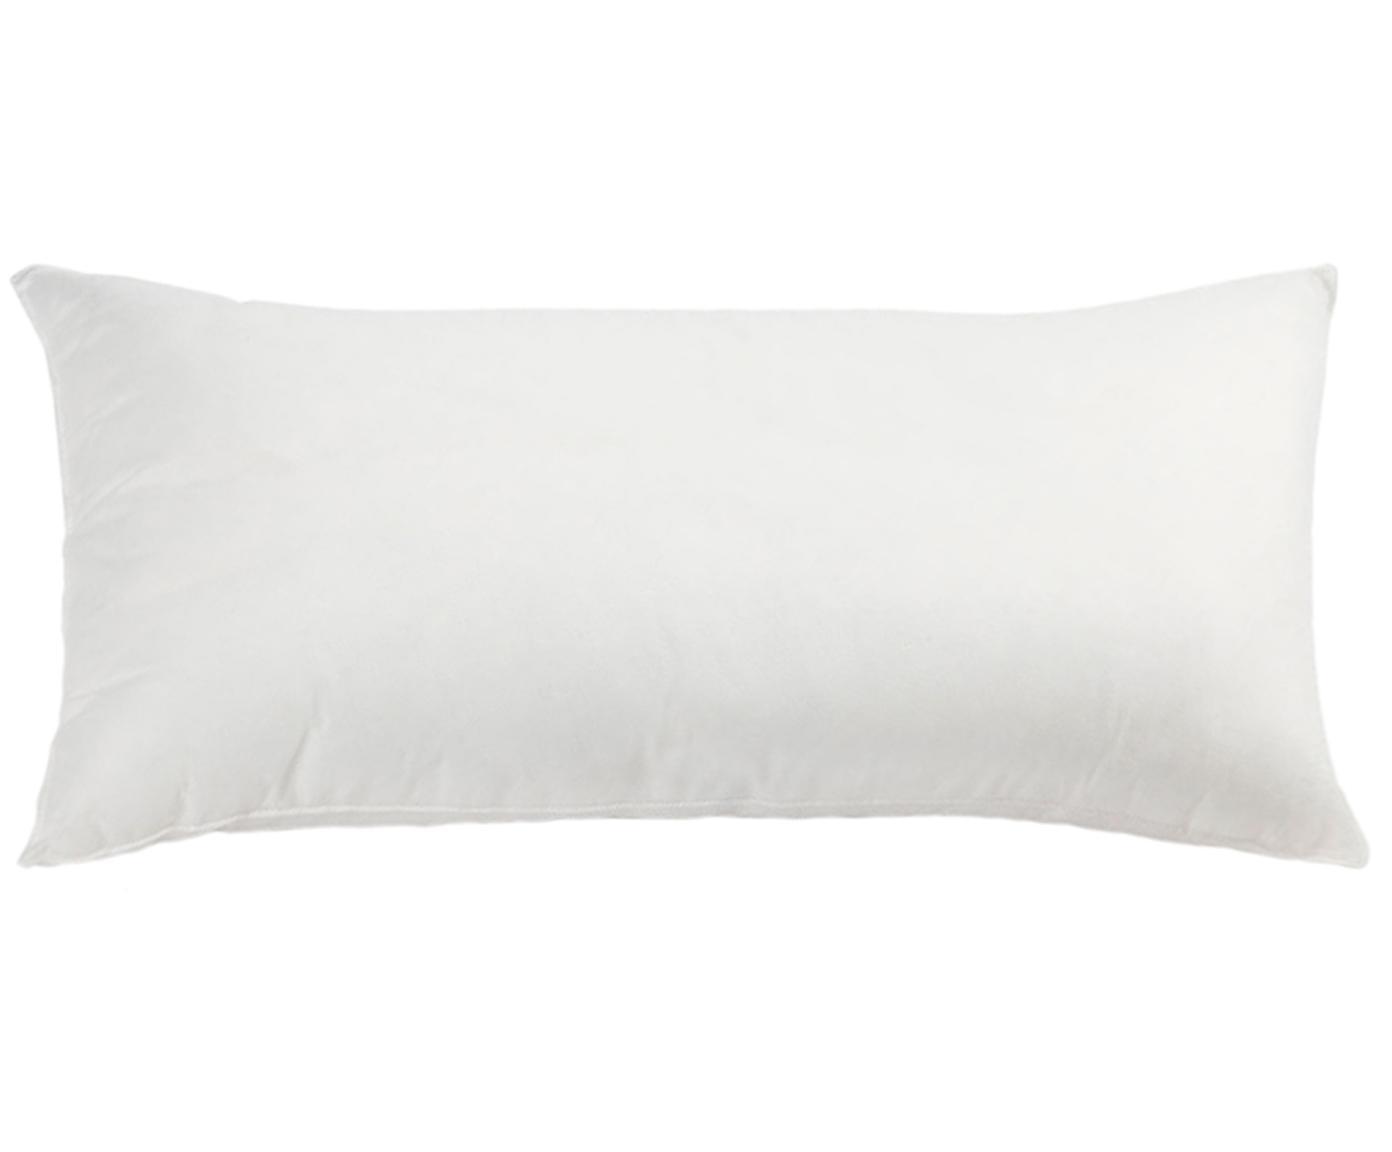 Relleno de cojín de poliéster Egret, 30x60, Tapizado: fibra sintética, Blanco, An 30 x L 60 cm